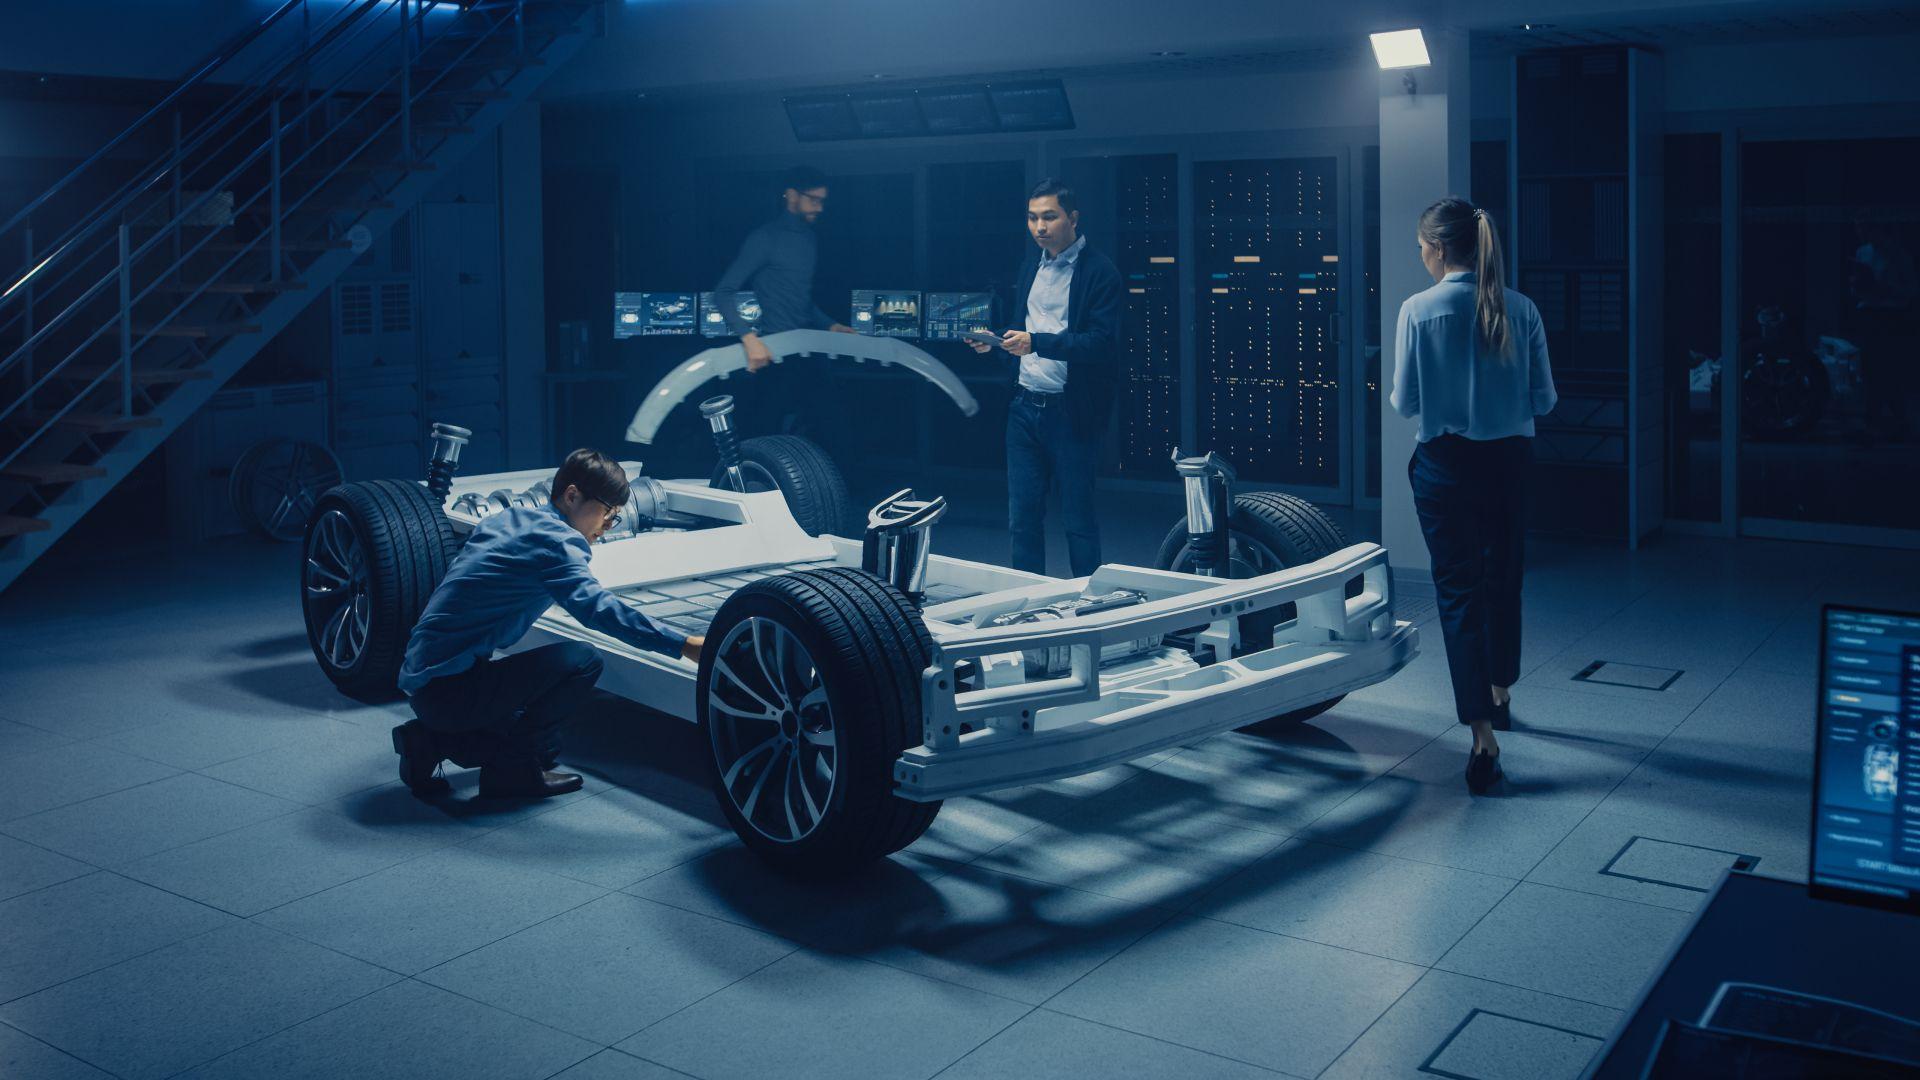 Samsung stellt Festkörperbatterie mit 800 km Reichweite und erhöhter Sicherheit vor